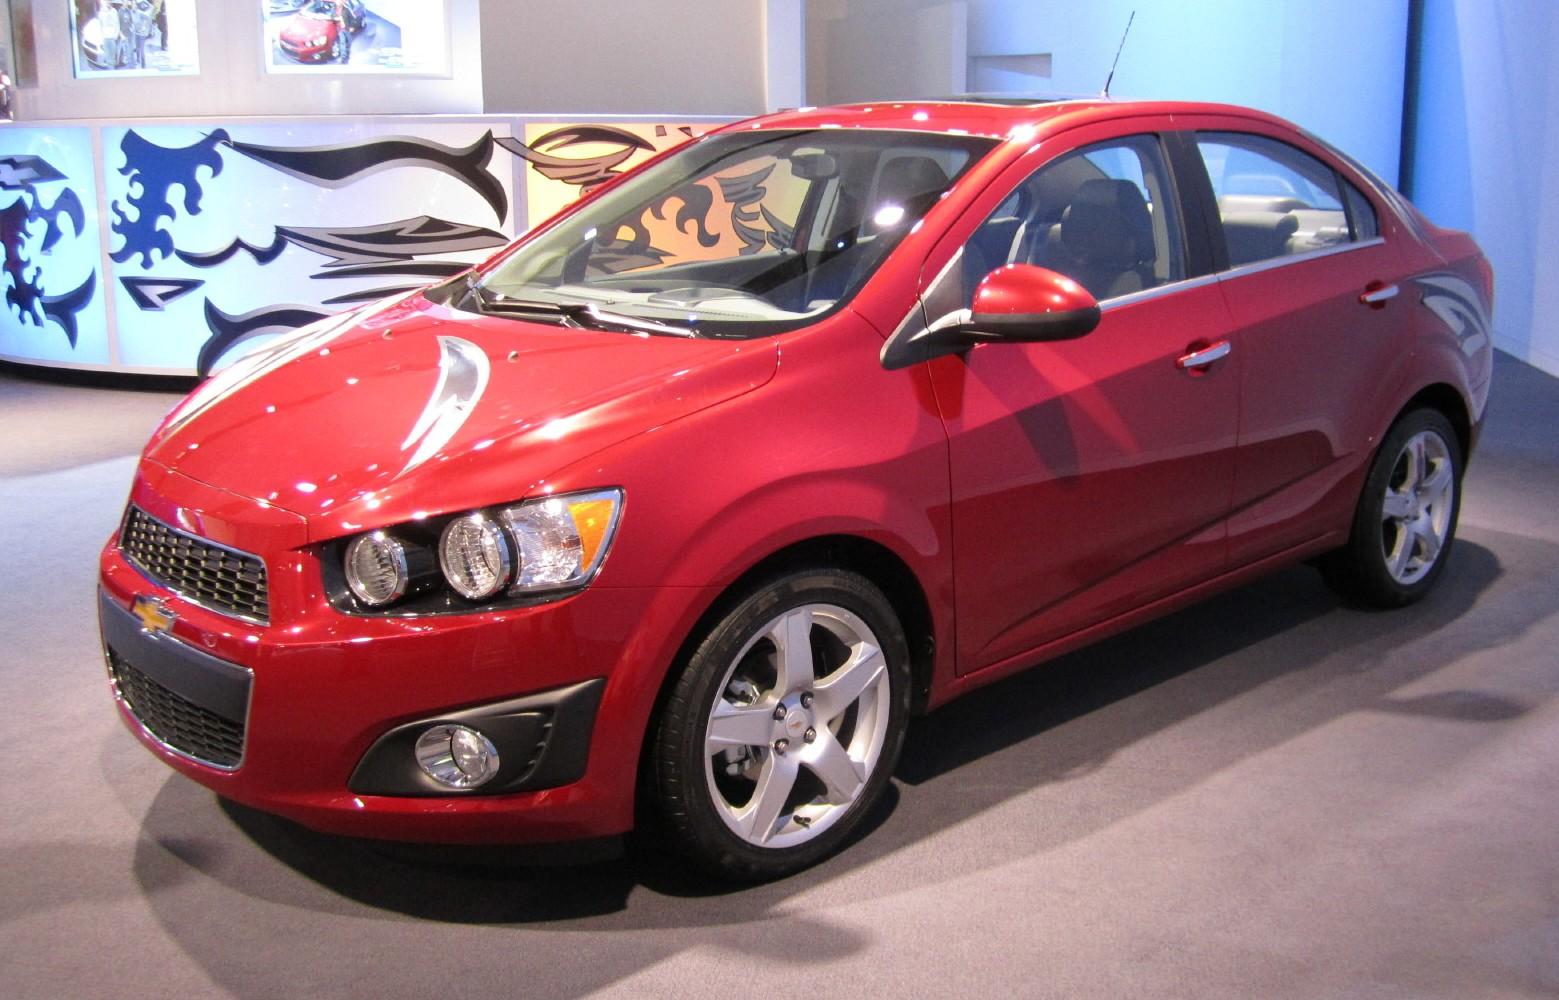 Noticias de Interes General. - Página 4 Chevrolet_Sonic_sedan_NAIAS_2011.1